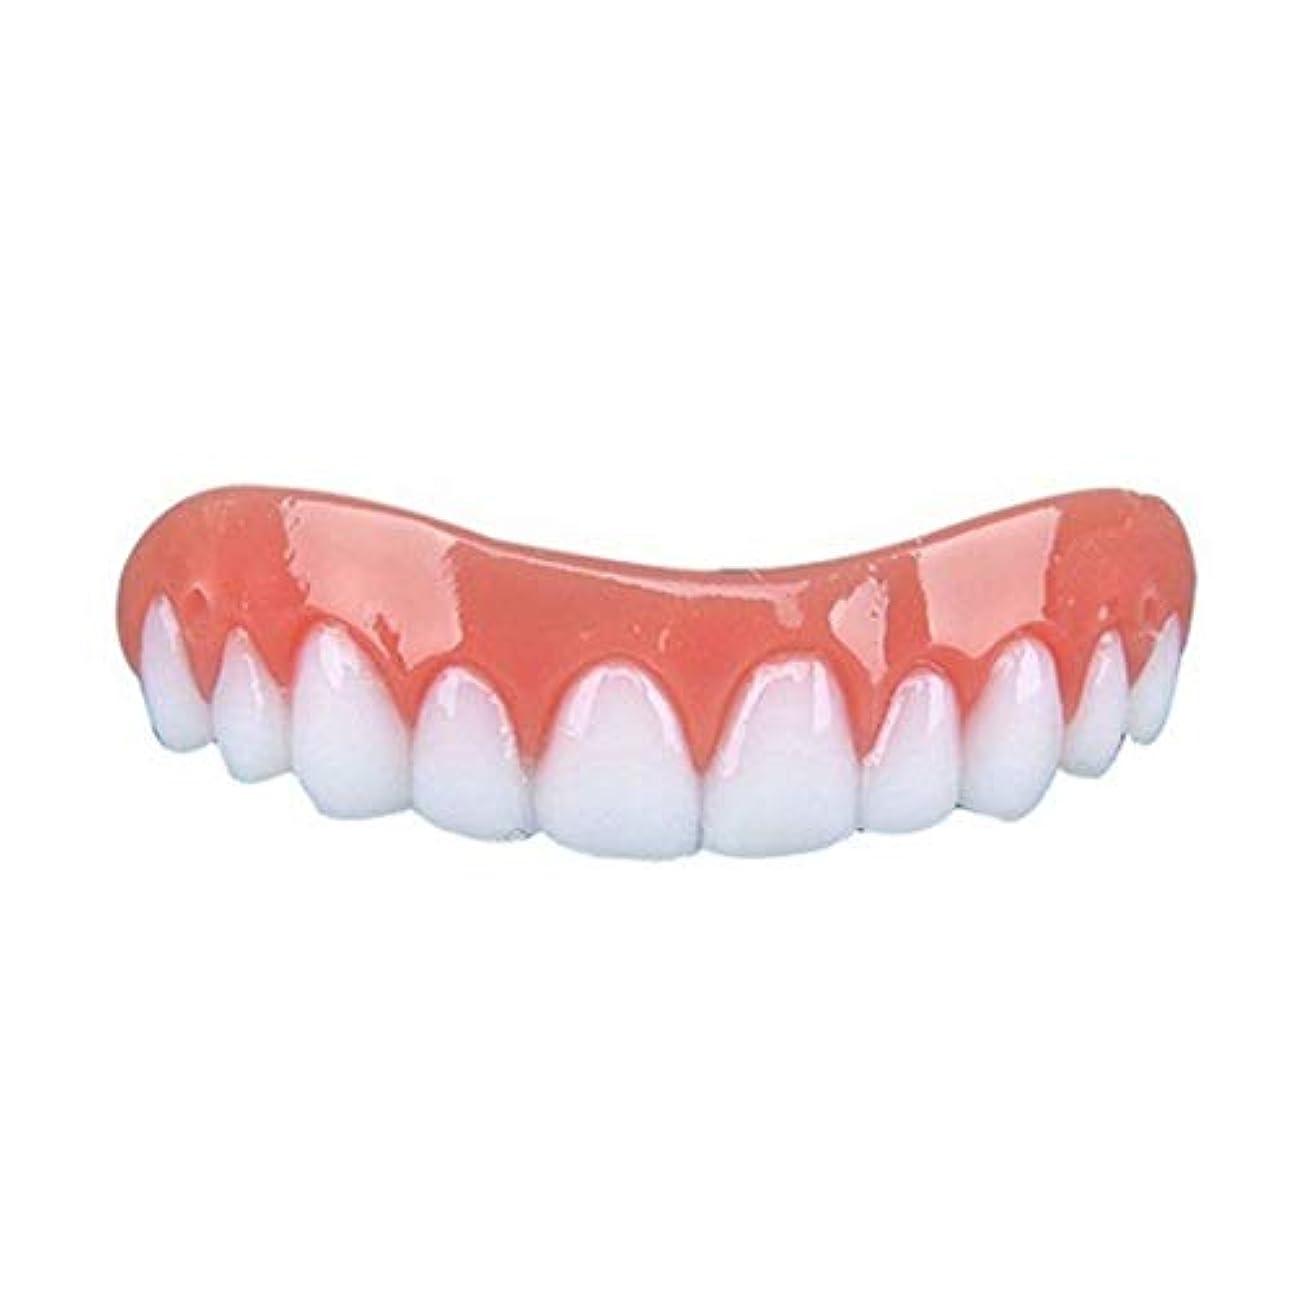 発見する盆カウボーイBartram 歯カバー シリコン義歯ペースト 上歯 笑顔を保つ 歯保護 美容用 入れ歯 矯正義歯